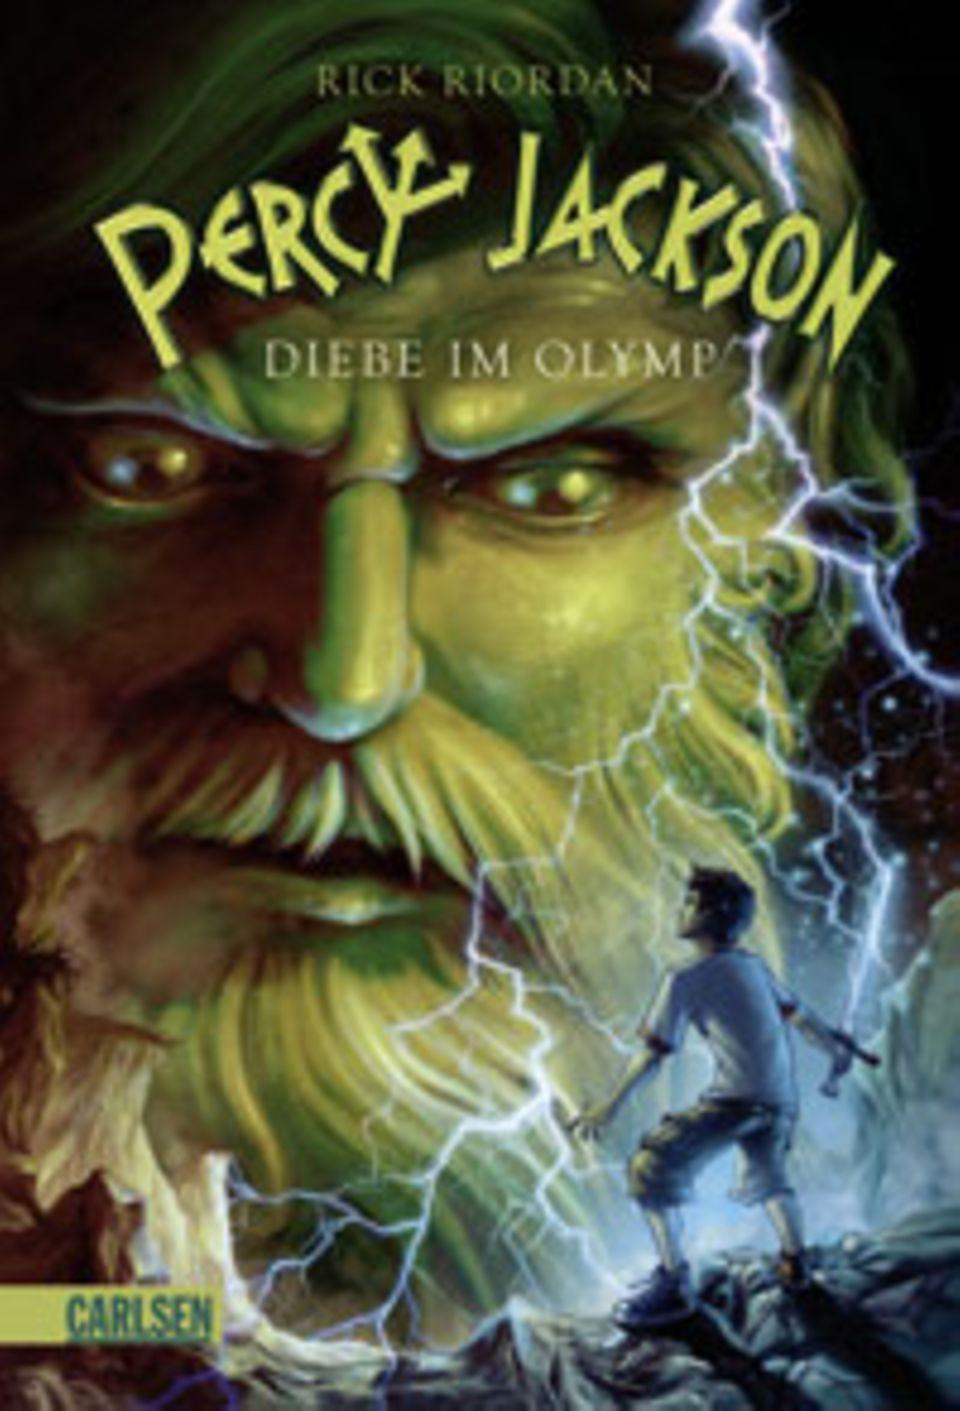 Kinotipp: Percy Jackson - Diebe im Olymp